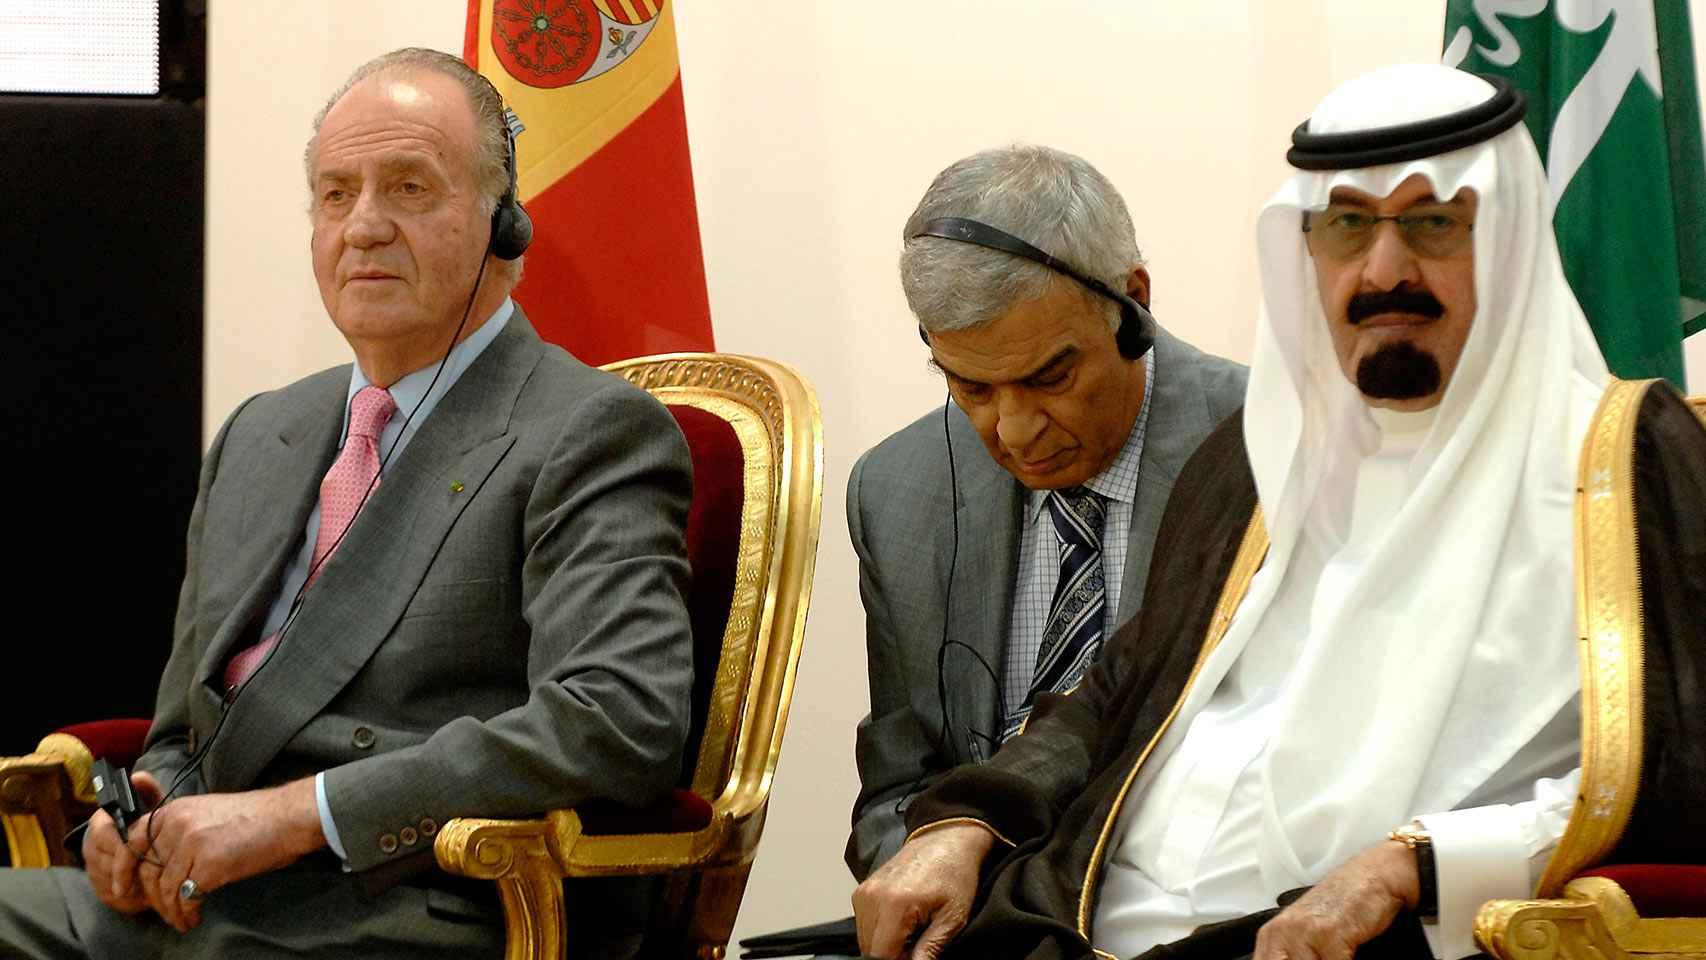 El rey Juan Carlos y el rey de Arabia Saudí, Abdallah Bin Abdulaziz, durante la presentación del Fondo.